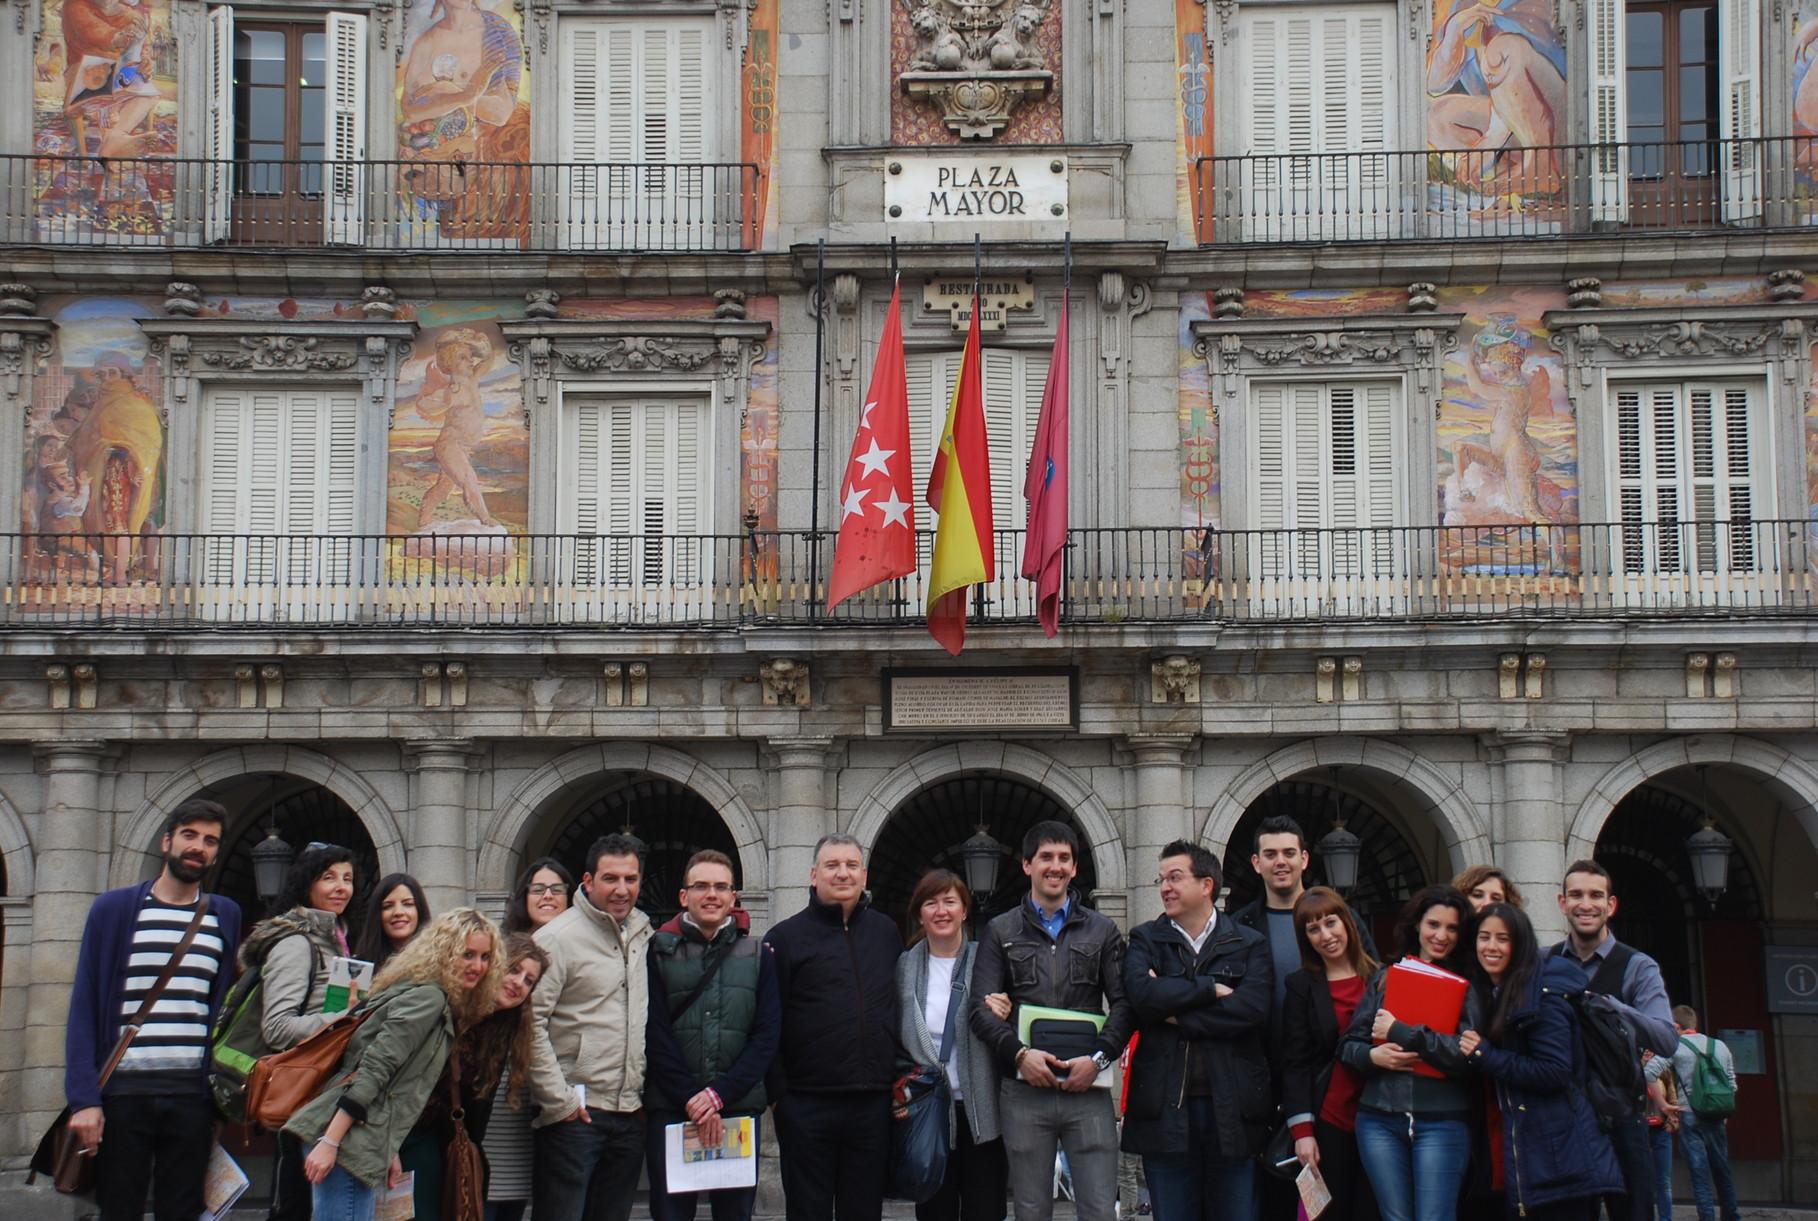 2014. Plaza Mayor. Madrid